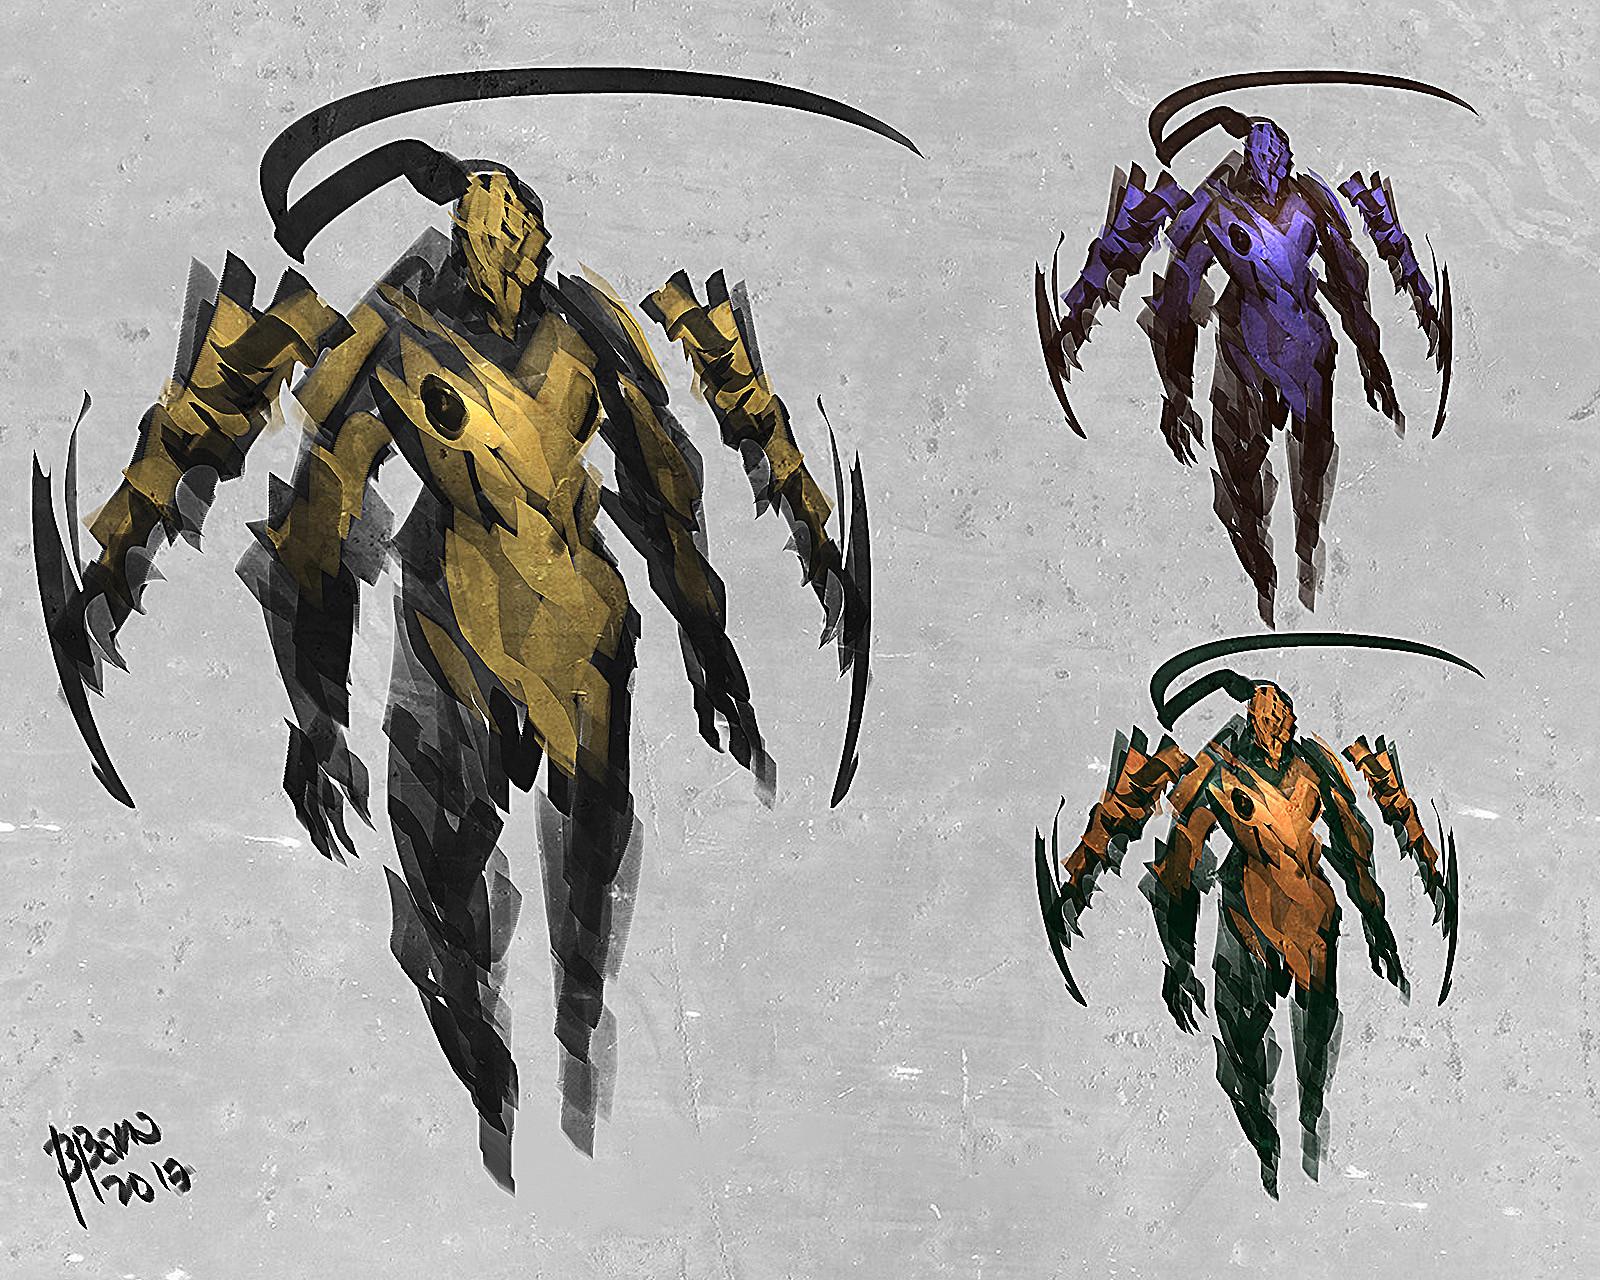 Benedick bana mantiscorpion 2